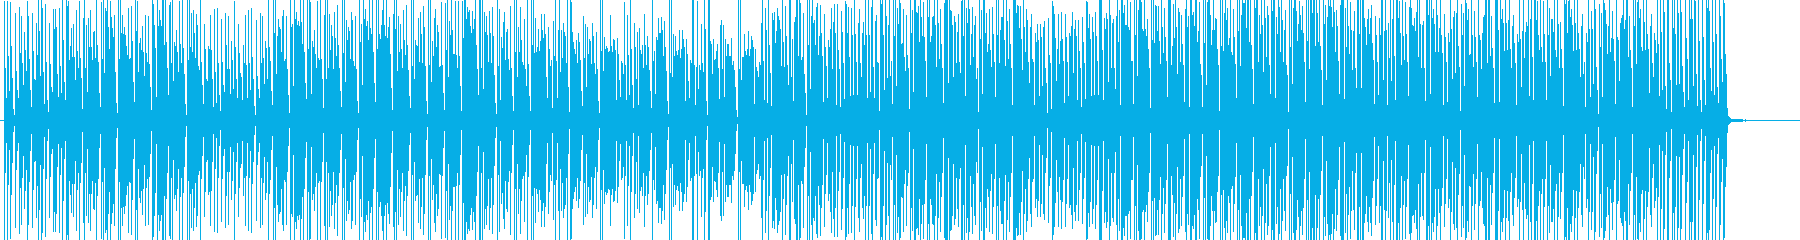 マリンバ-好奇心・物語・期待・わくわくの再生済みの波形